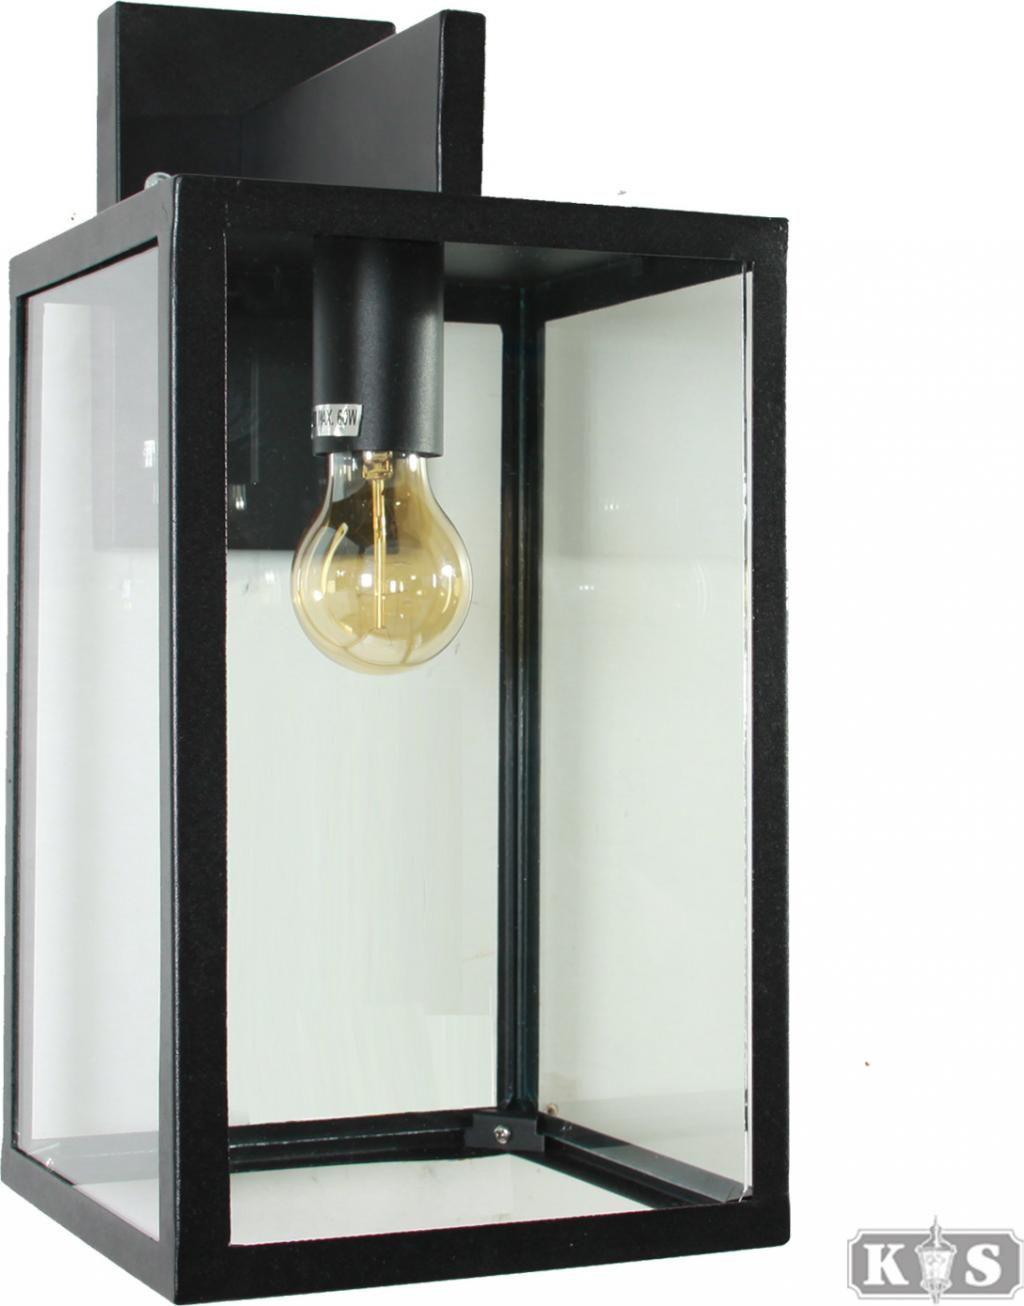 Buitenlamp Hampton - Wandlamp - RVS - Zwart - KS Verlichting ...